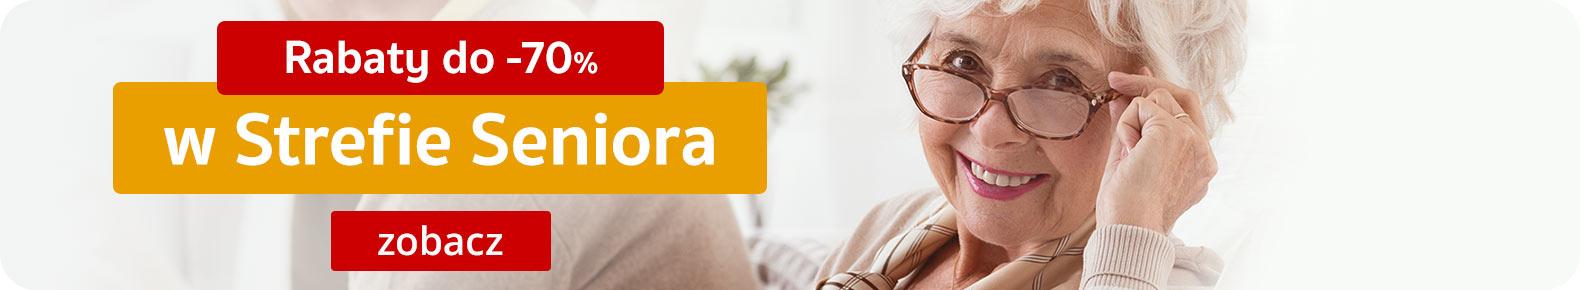 https://www.tvokazje.pl/339-strefa-seniora?order=product.position.asc